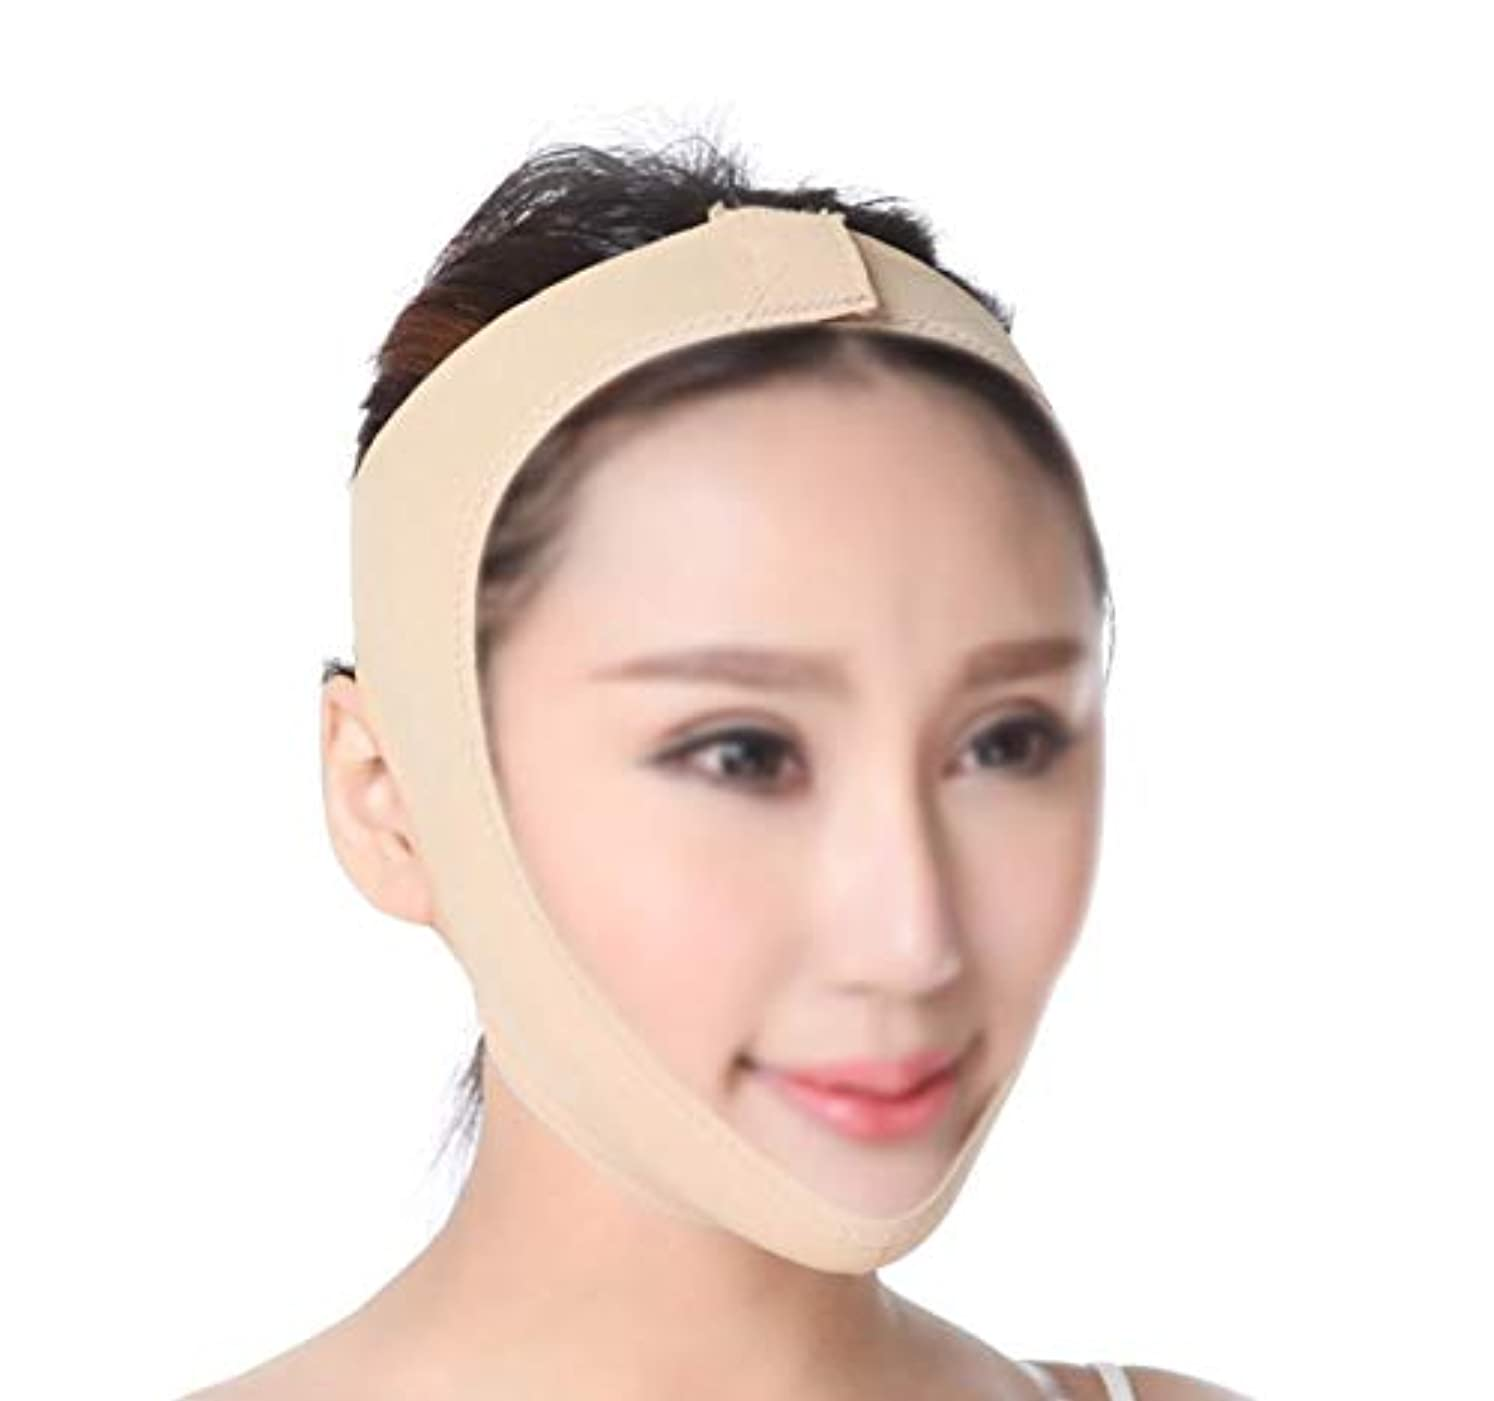 樹皮毛細血管正確フェイスリフティング包帯、フェイシャル減量アンチシワケアフェイスリフトで肌を引き締め、二重あごを効果的に改善し、V字型の顔になります(サイズ:S),Xl